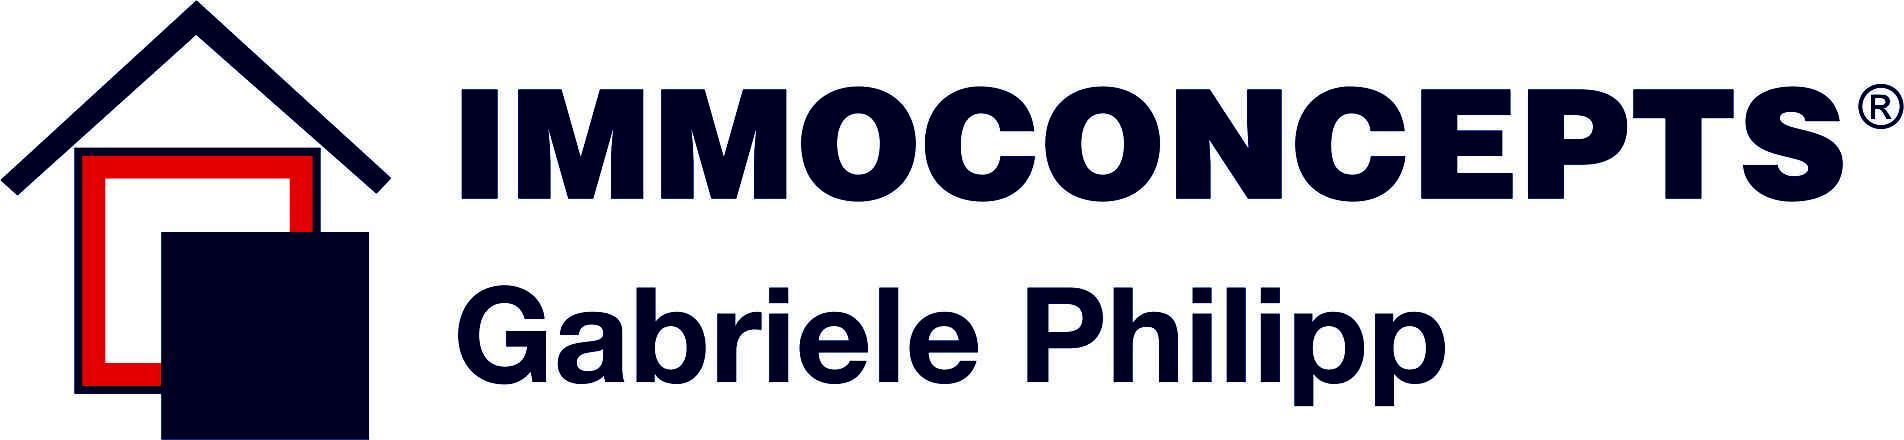 Hier sehen Sie das Logo von Immoconcepts